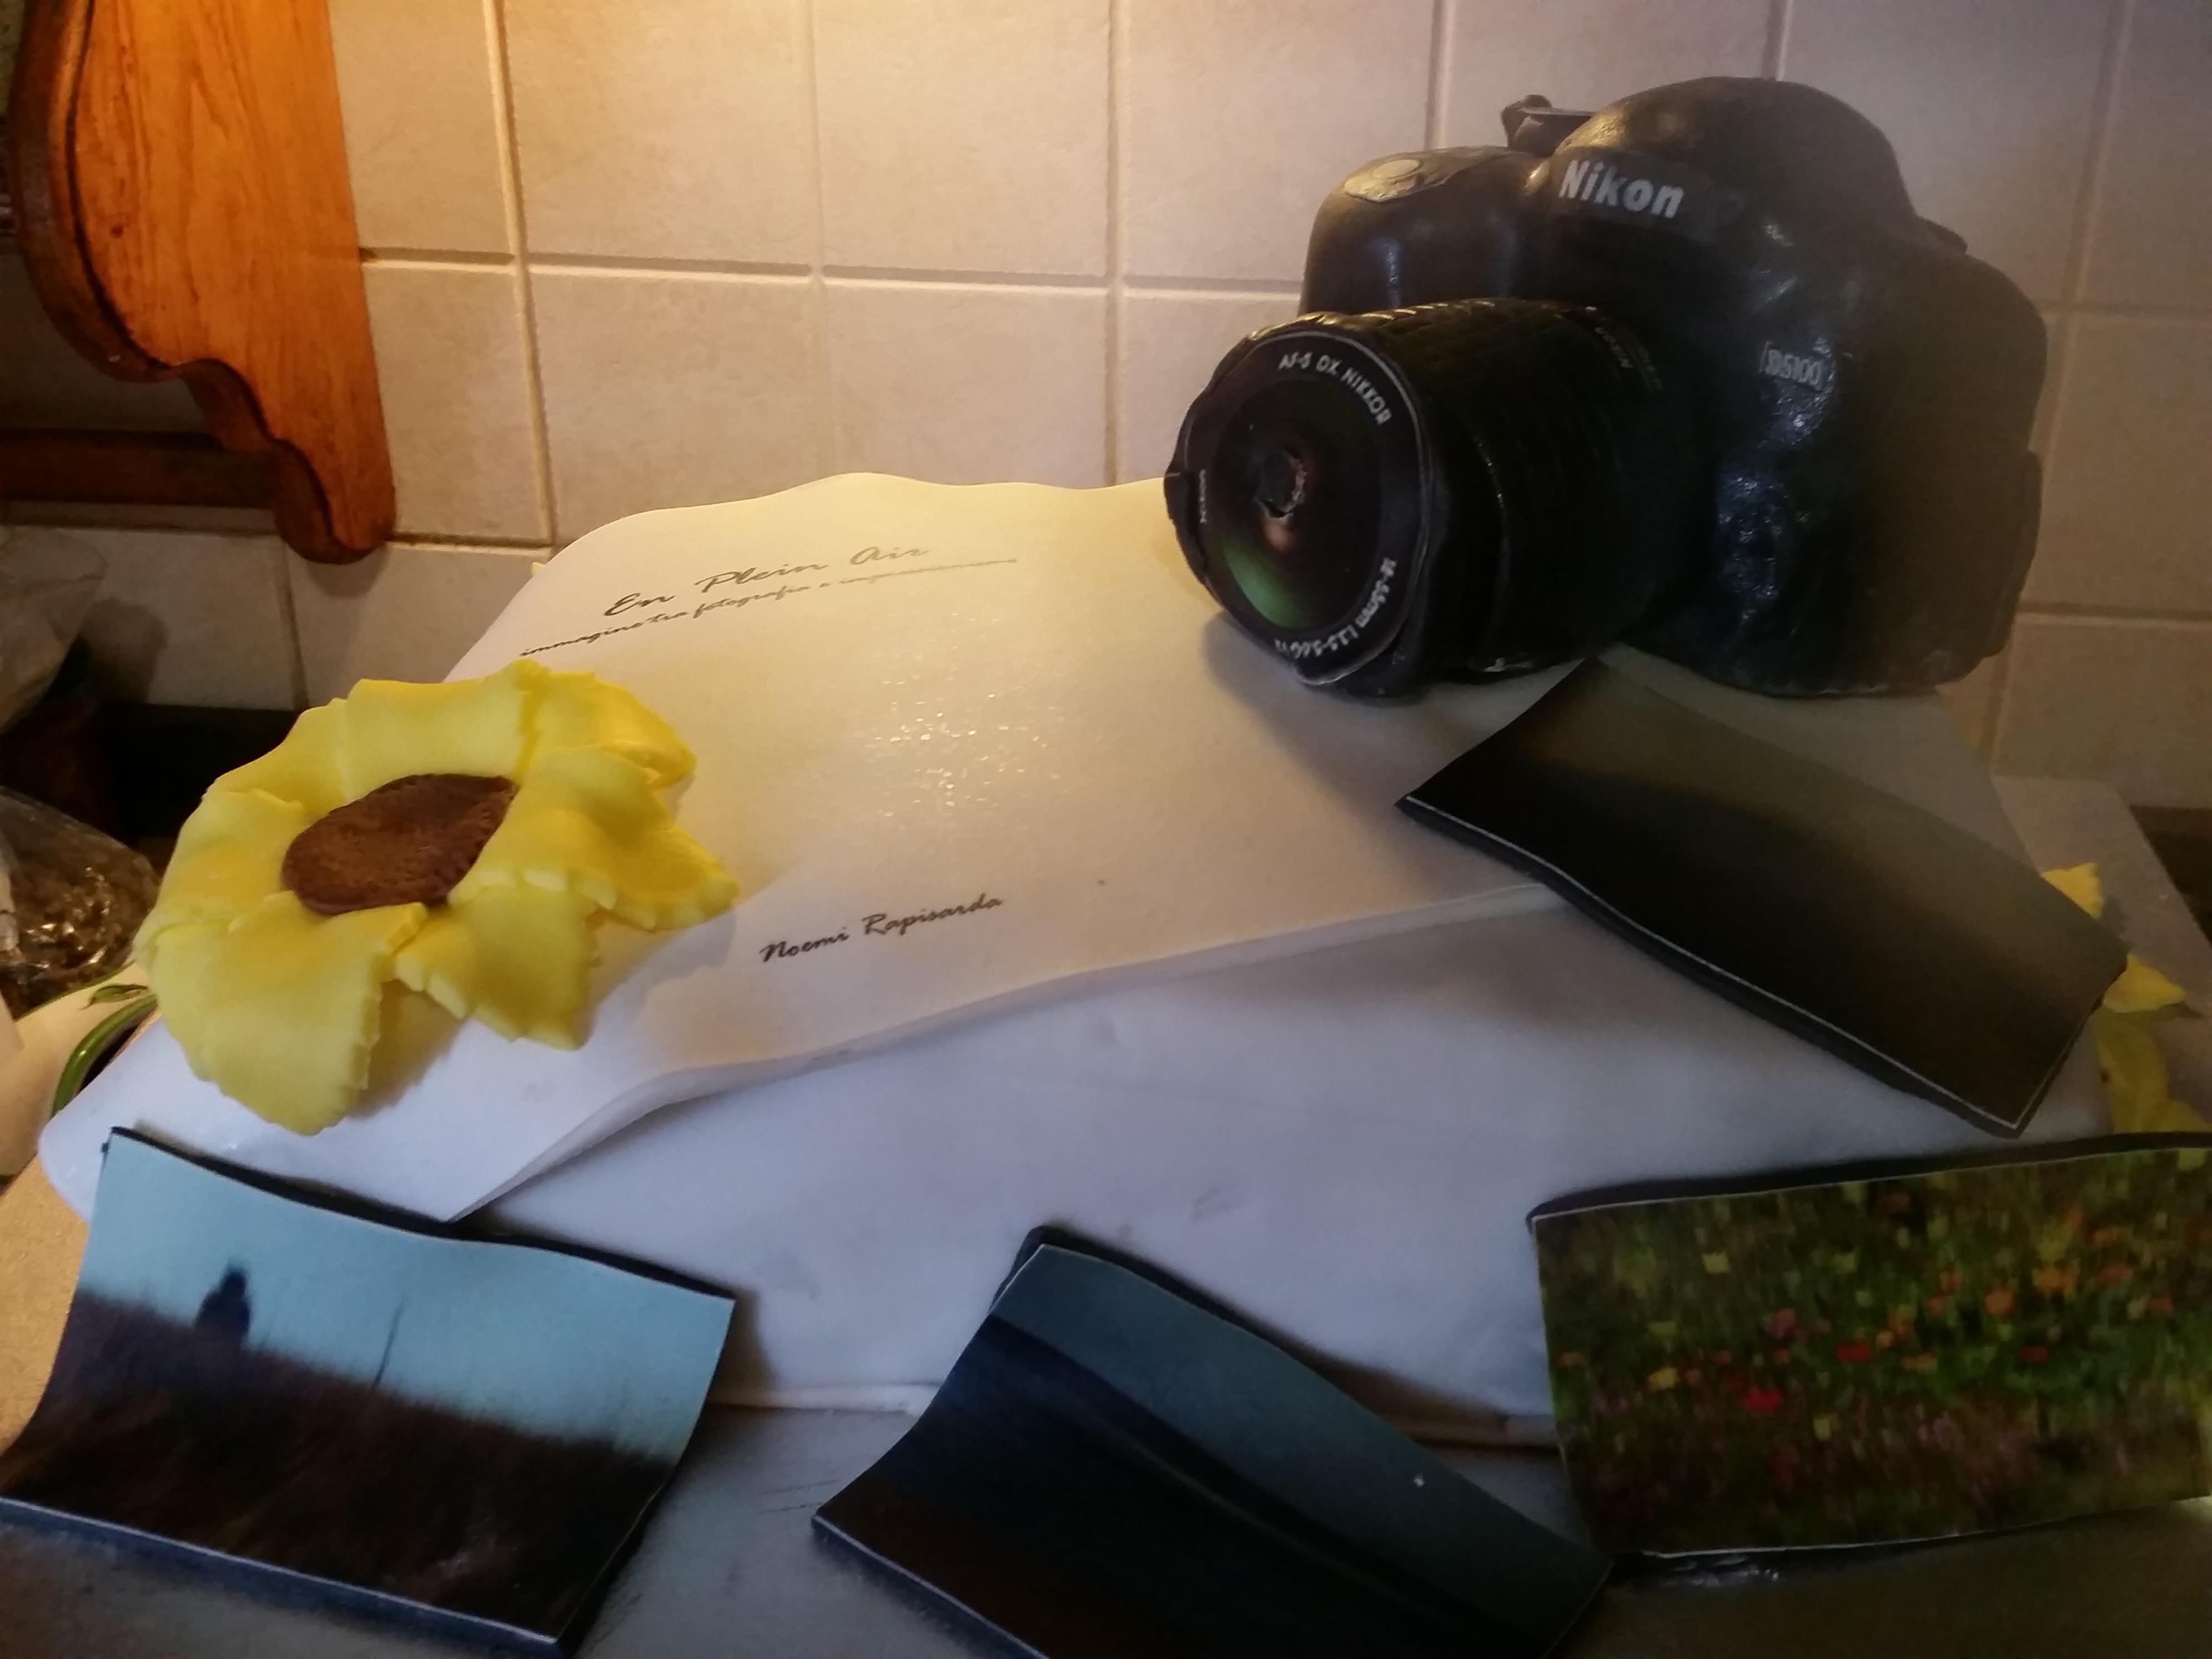 Torta di laurea in fotografia in Pasta di zucchero -pdz!